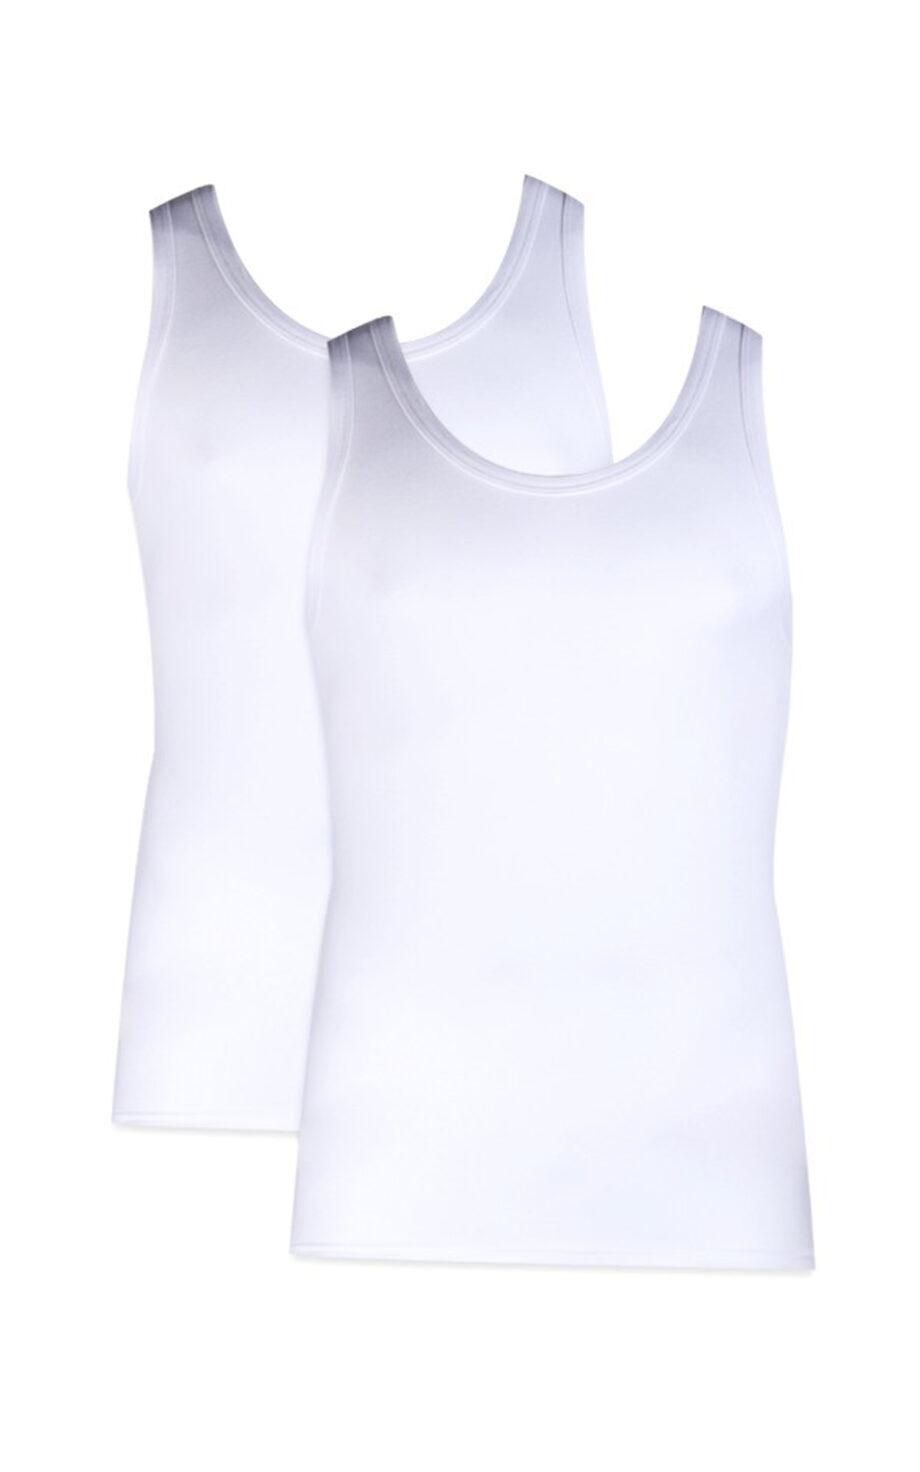 Φανέλα-Sporties-Αμάνικο-2-τεμάχια-Λευκό.jpg